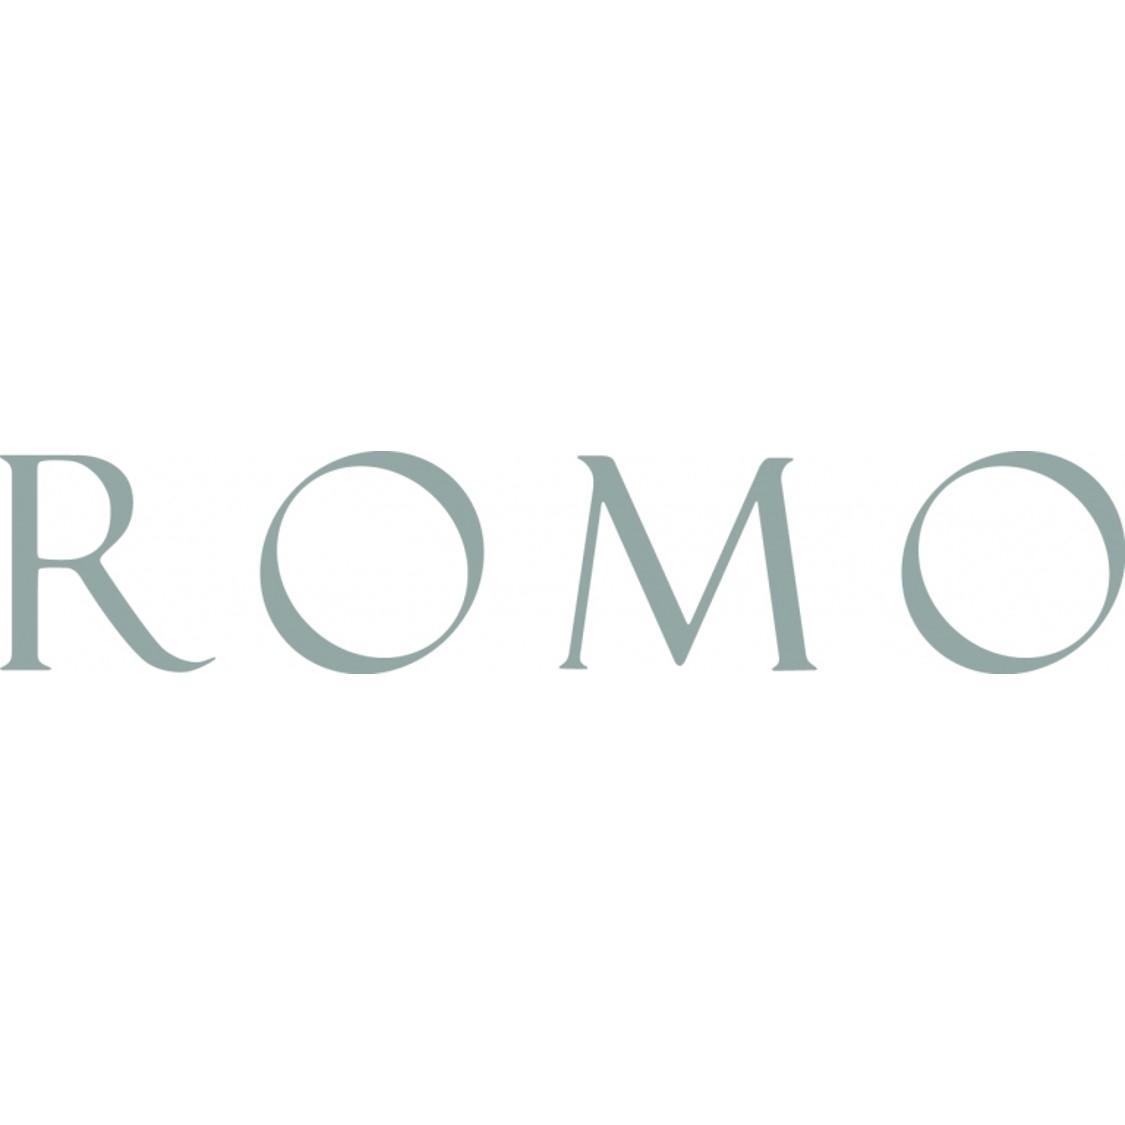 https://anafexmainteriorismo.com/wp-content/uploads/2018/06/Romo_Logo.jpg